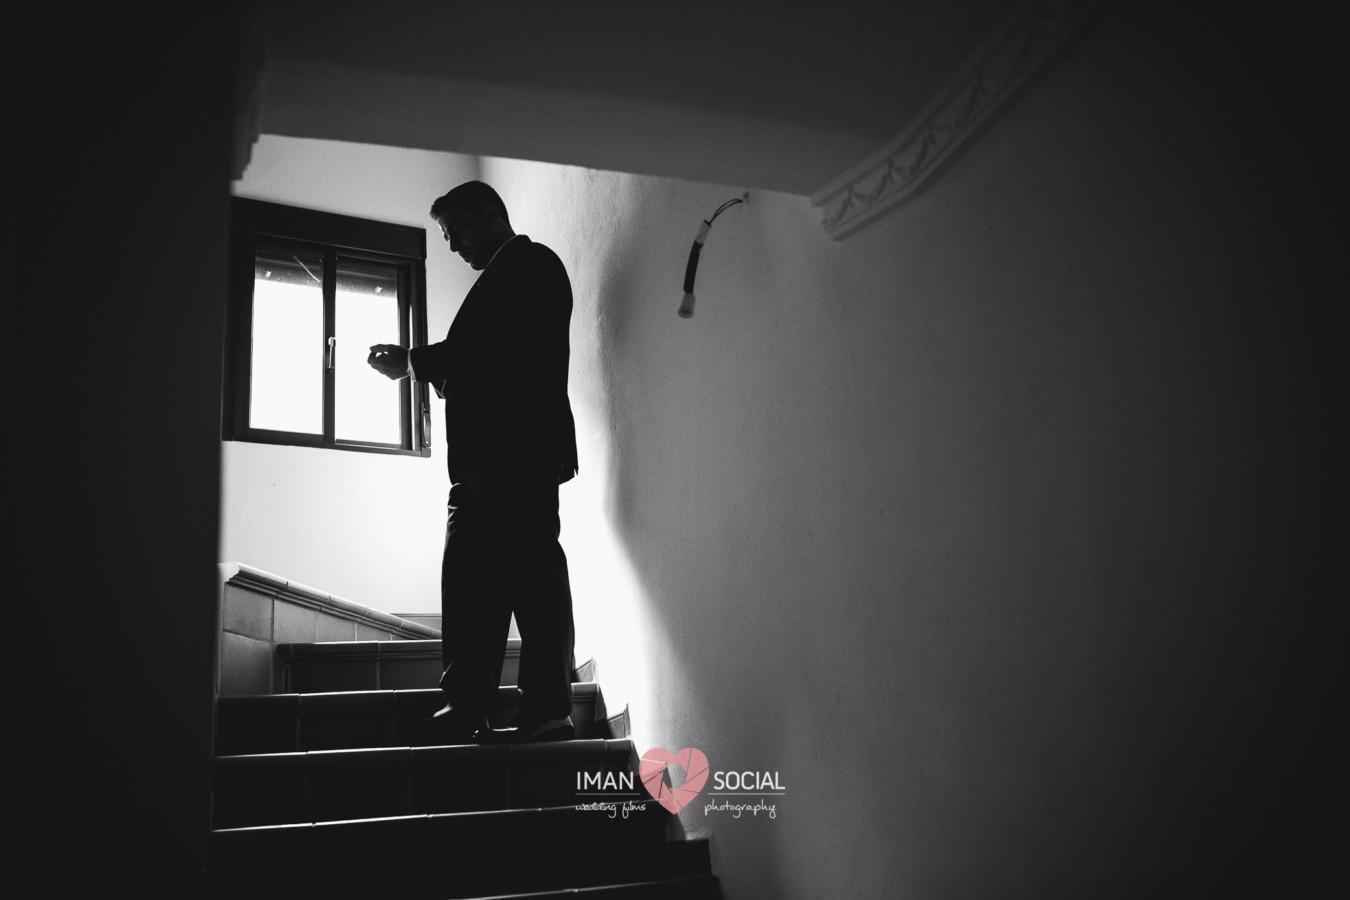 fotografo-de-boda-en-cordoba-sevilla-posadas-boda-auxi-y-antonio-09 Auxi & Antonio, primera boda de la temporada - video boda cordoba